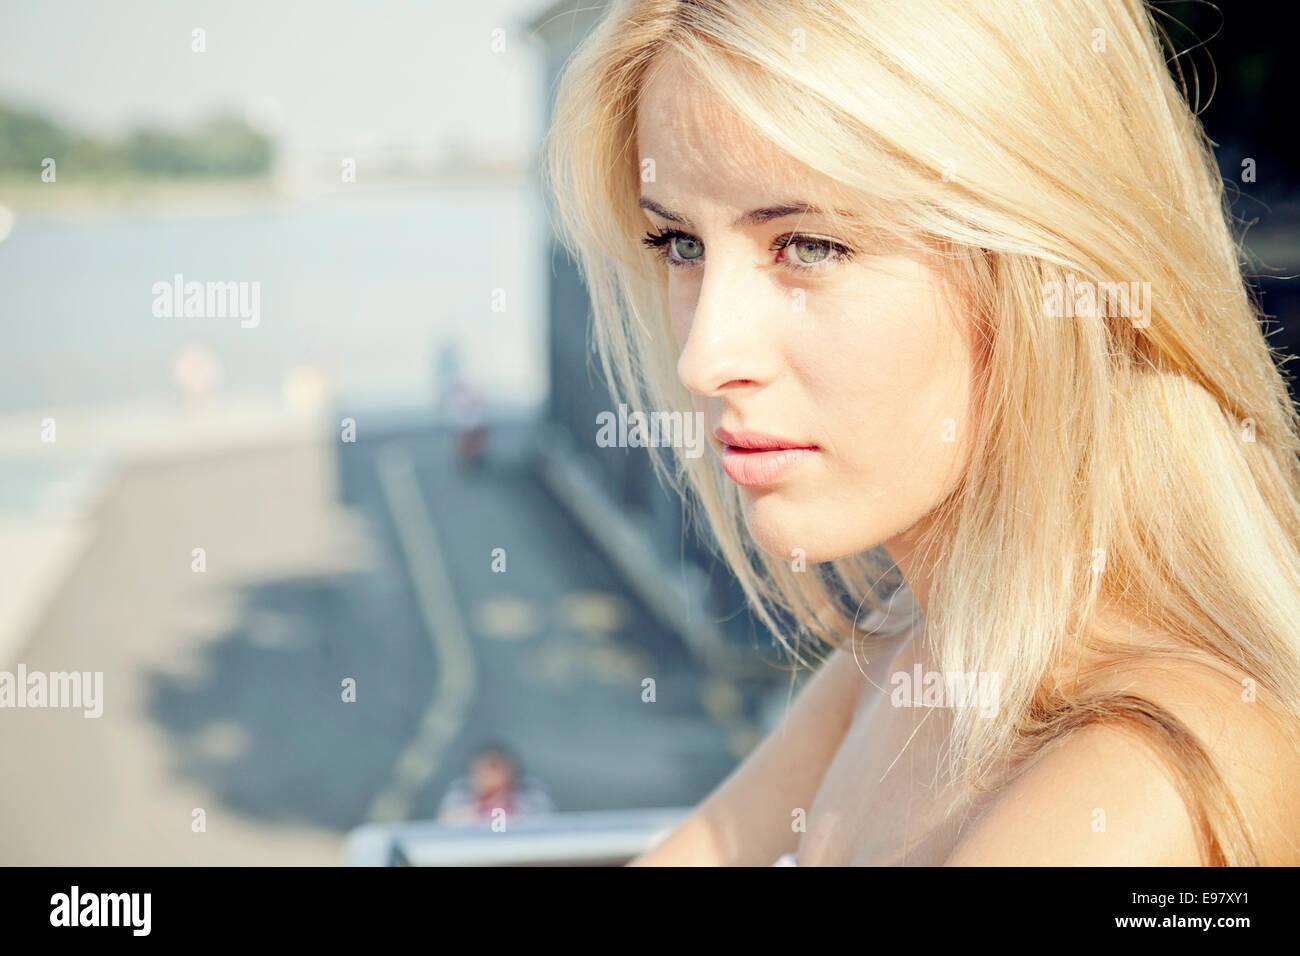 Porträt der jungen Frau mit blonden Haaren Tagträumen Stockfoto